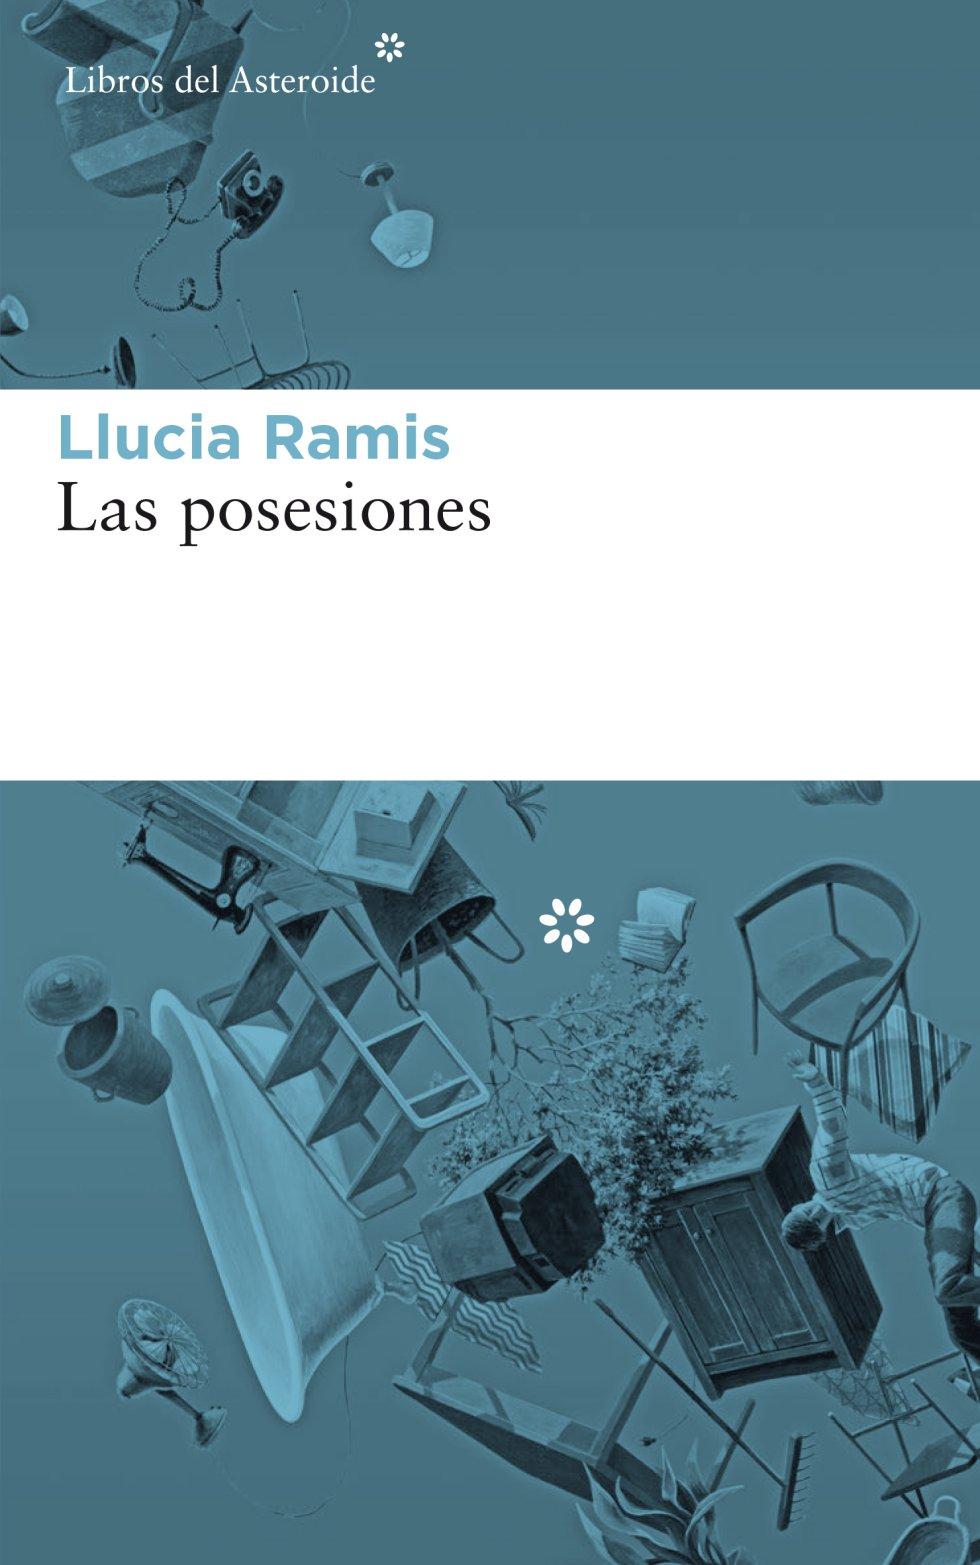 """HÉROES, FANTASMAS Y LADRONES. """"Con la versión en catalán de este libro, Llucia Ramis (Palma, 1977) ganó el Premi Llibres Anagrama de Novel·la de este año. Ramis es también autora de 'Cosas que te pasan en Barcelona cuando tienes 30 años' (2008), 'Egosurfing' (2010) y 'Todo lo que una tarde murió con las bicicletas' (2013). El planteamiento de 'Las posesiones' se sostiene en un tono narrativo tanto rápido e inteligente como de una gran densidad sensorial y poder evocativo"""". Por CARLOS ZANÓN"""